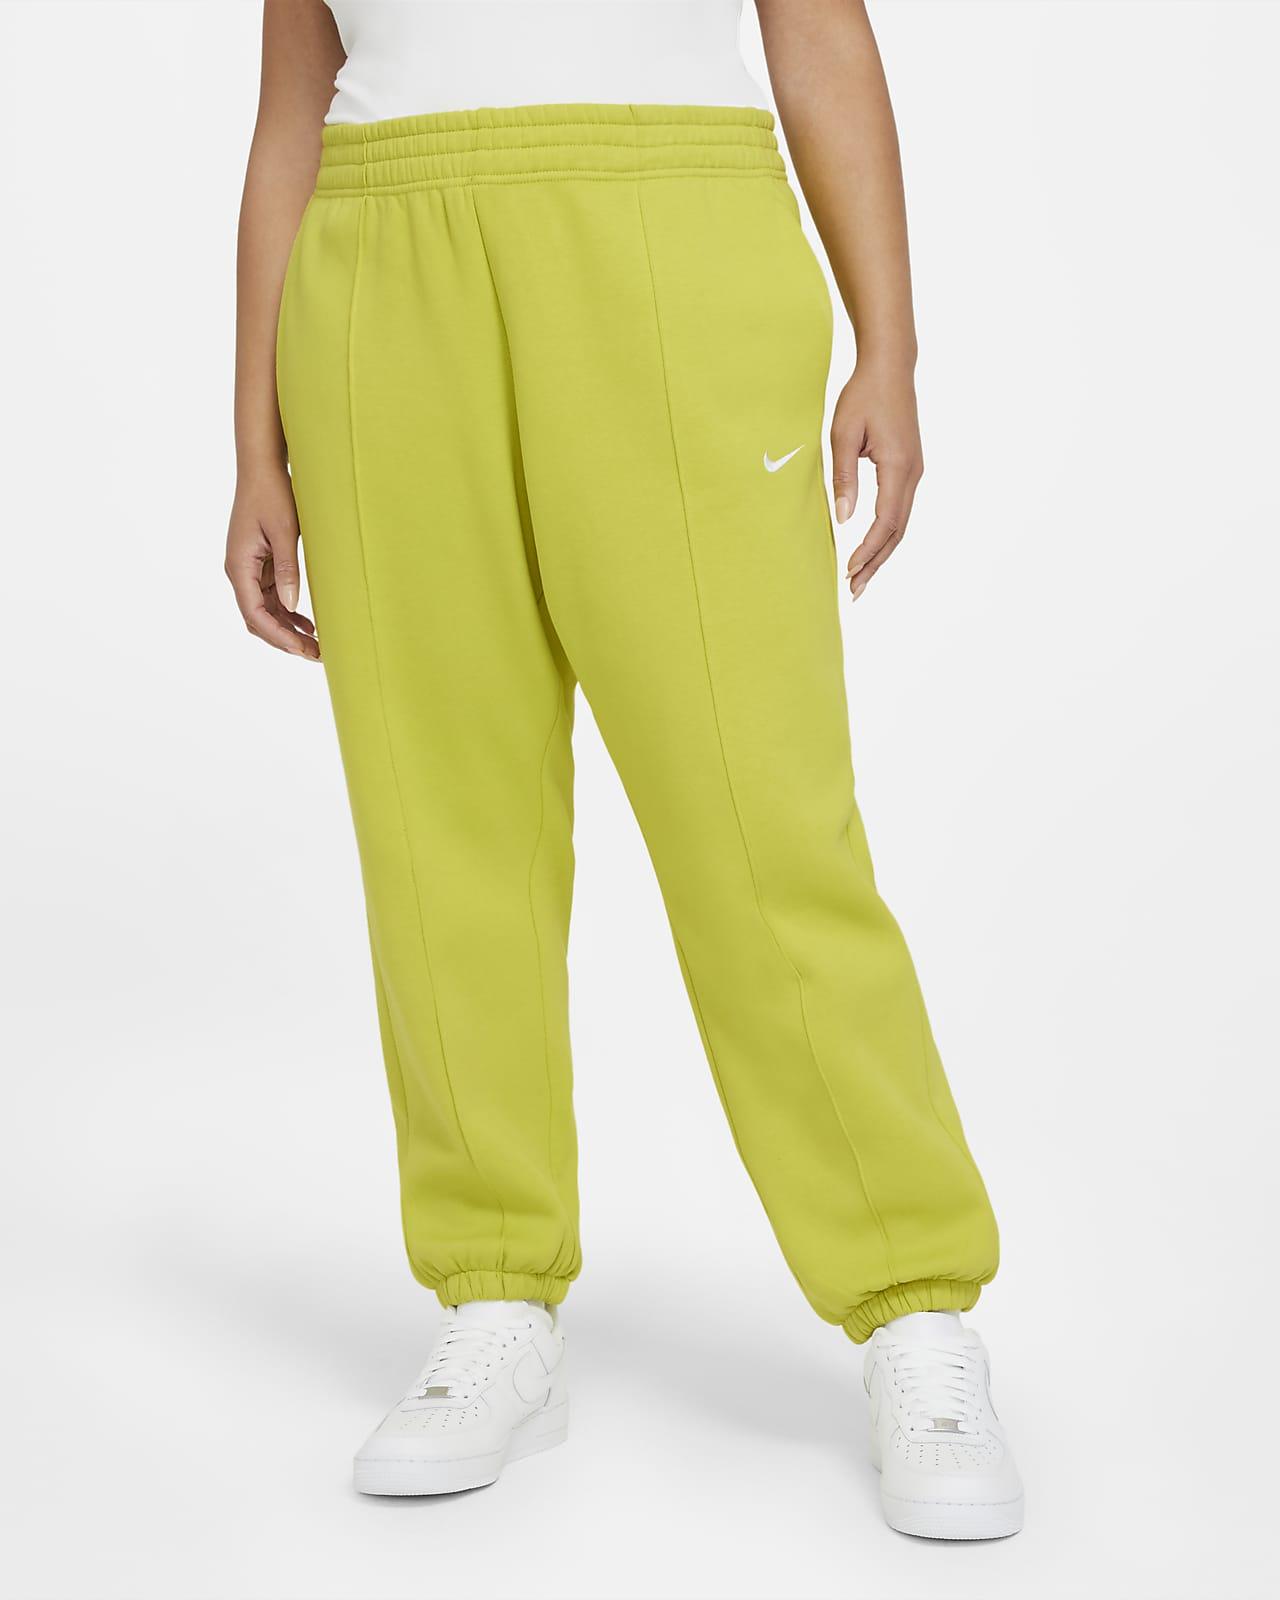 Nike Sportswear Trend Pantalón de tejido Fleece (Talla grande) - Mujer